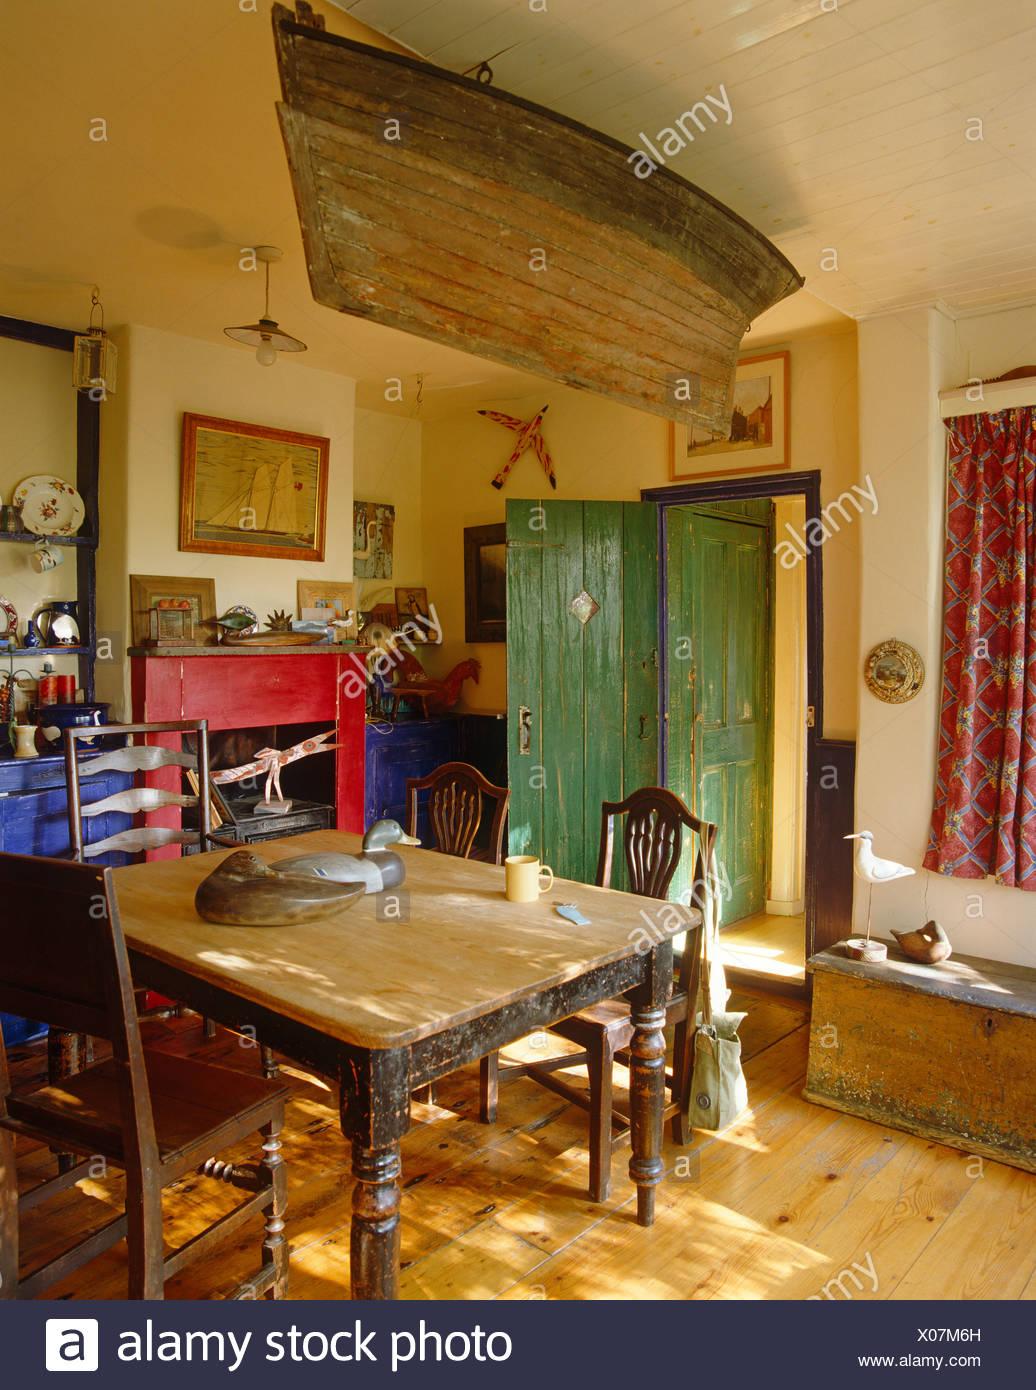 Rustikaler Holztisch Und Stühle Unter Ruderboot Ausgesetzt Von Der Decke In  Rustikales Landhaus Esszimmer Mit Holzboden